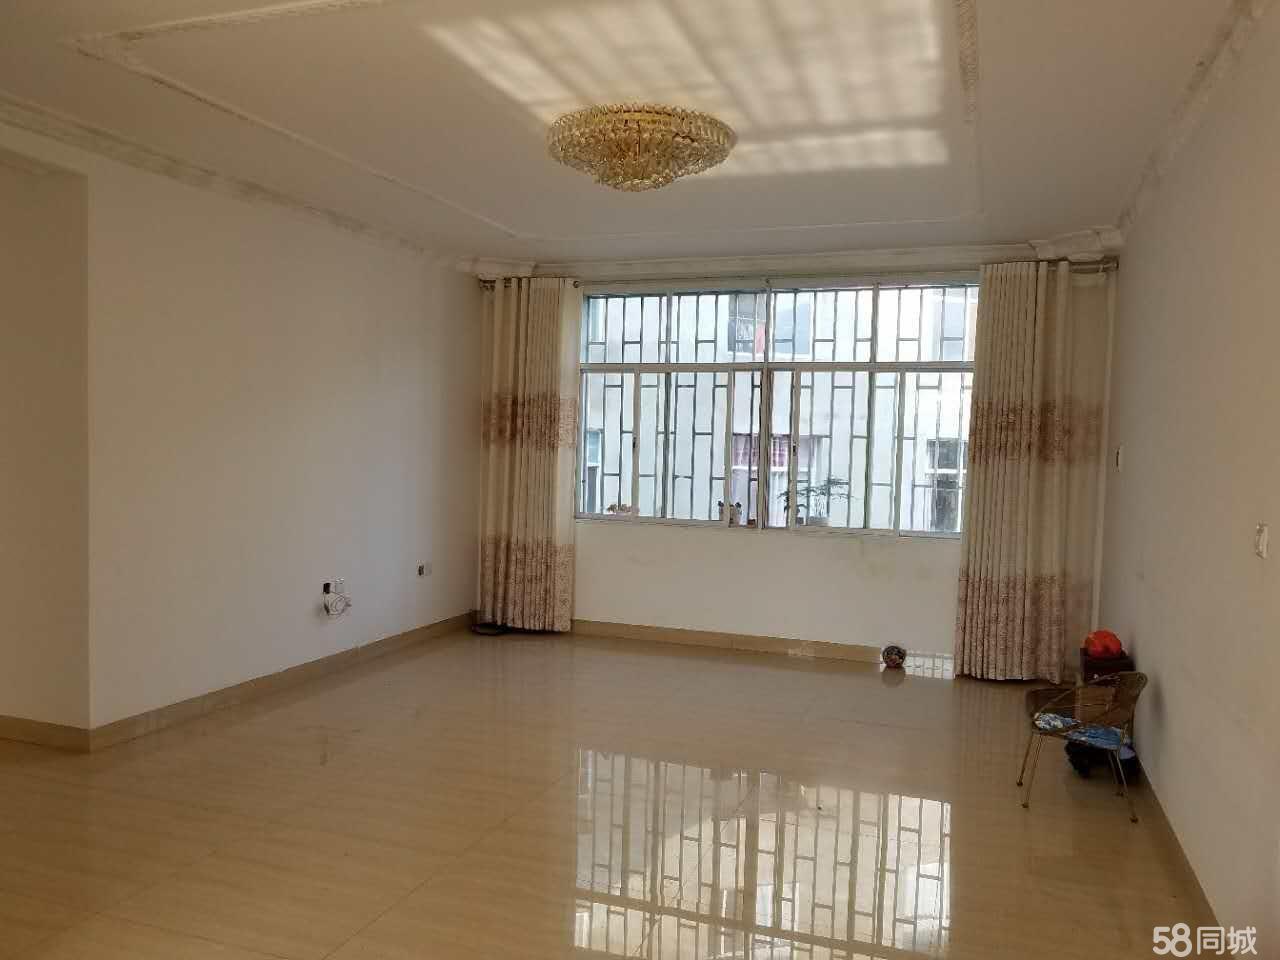 澳门拉斯维加斯网址9成新好屋出售3室1厅2卫